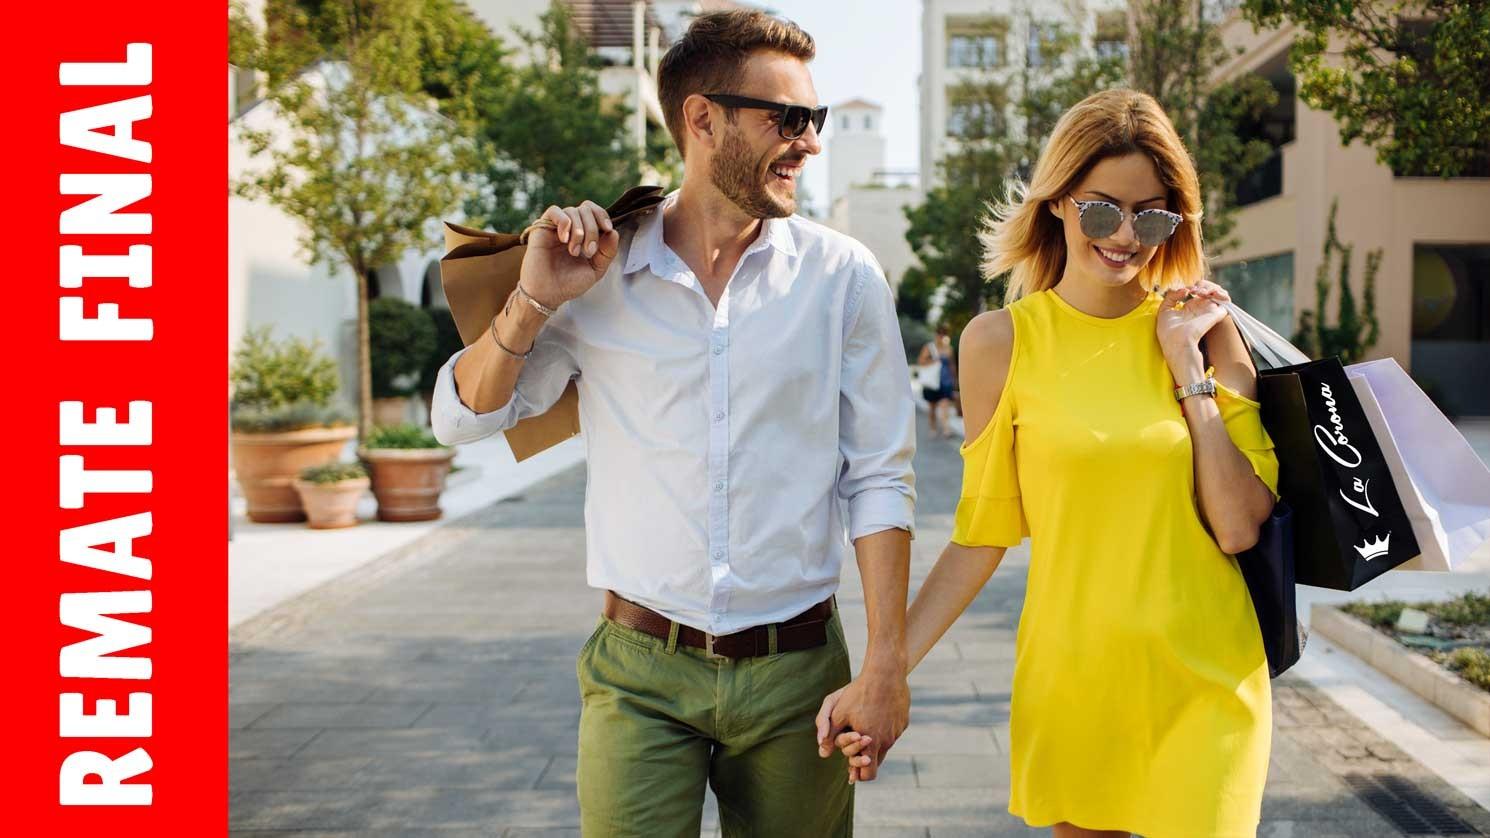 5becf6abc0d0 Tienda de moda para mujer y hombre: comprar ropa online-La Corona ...